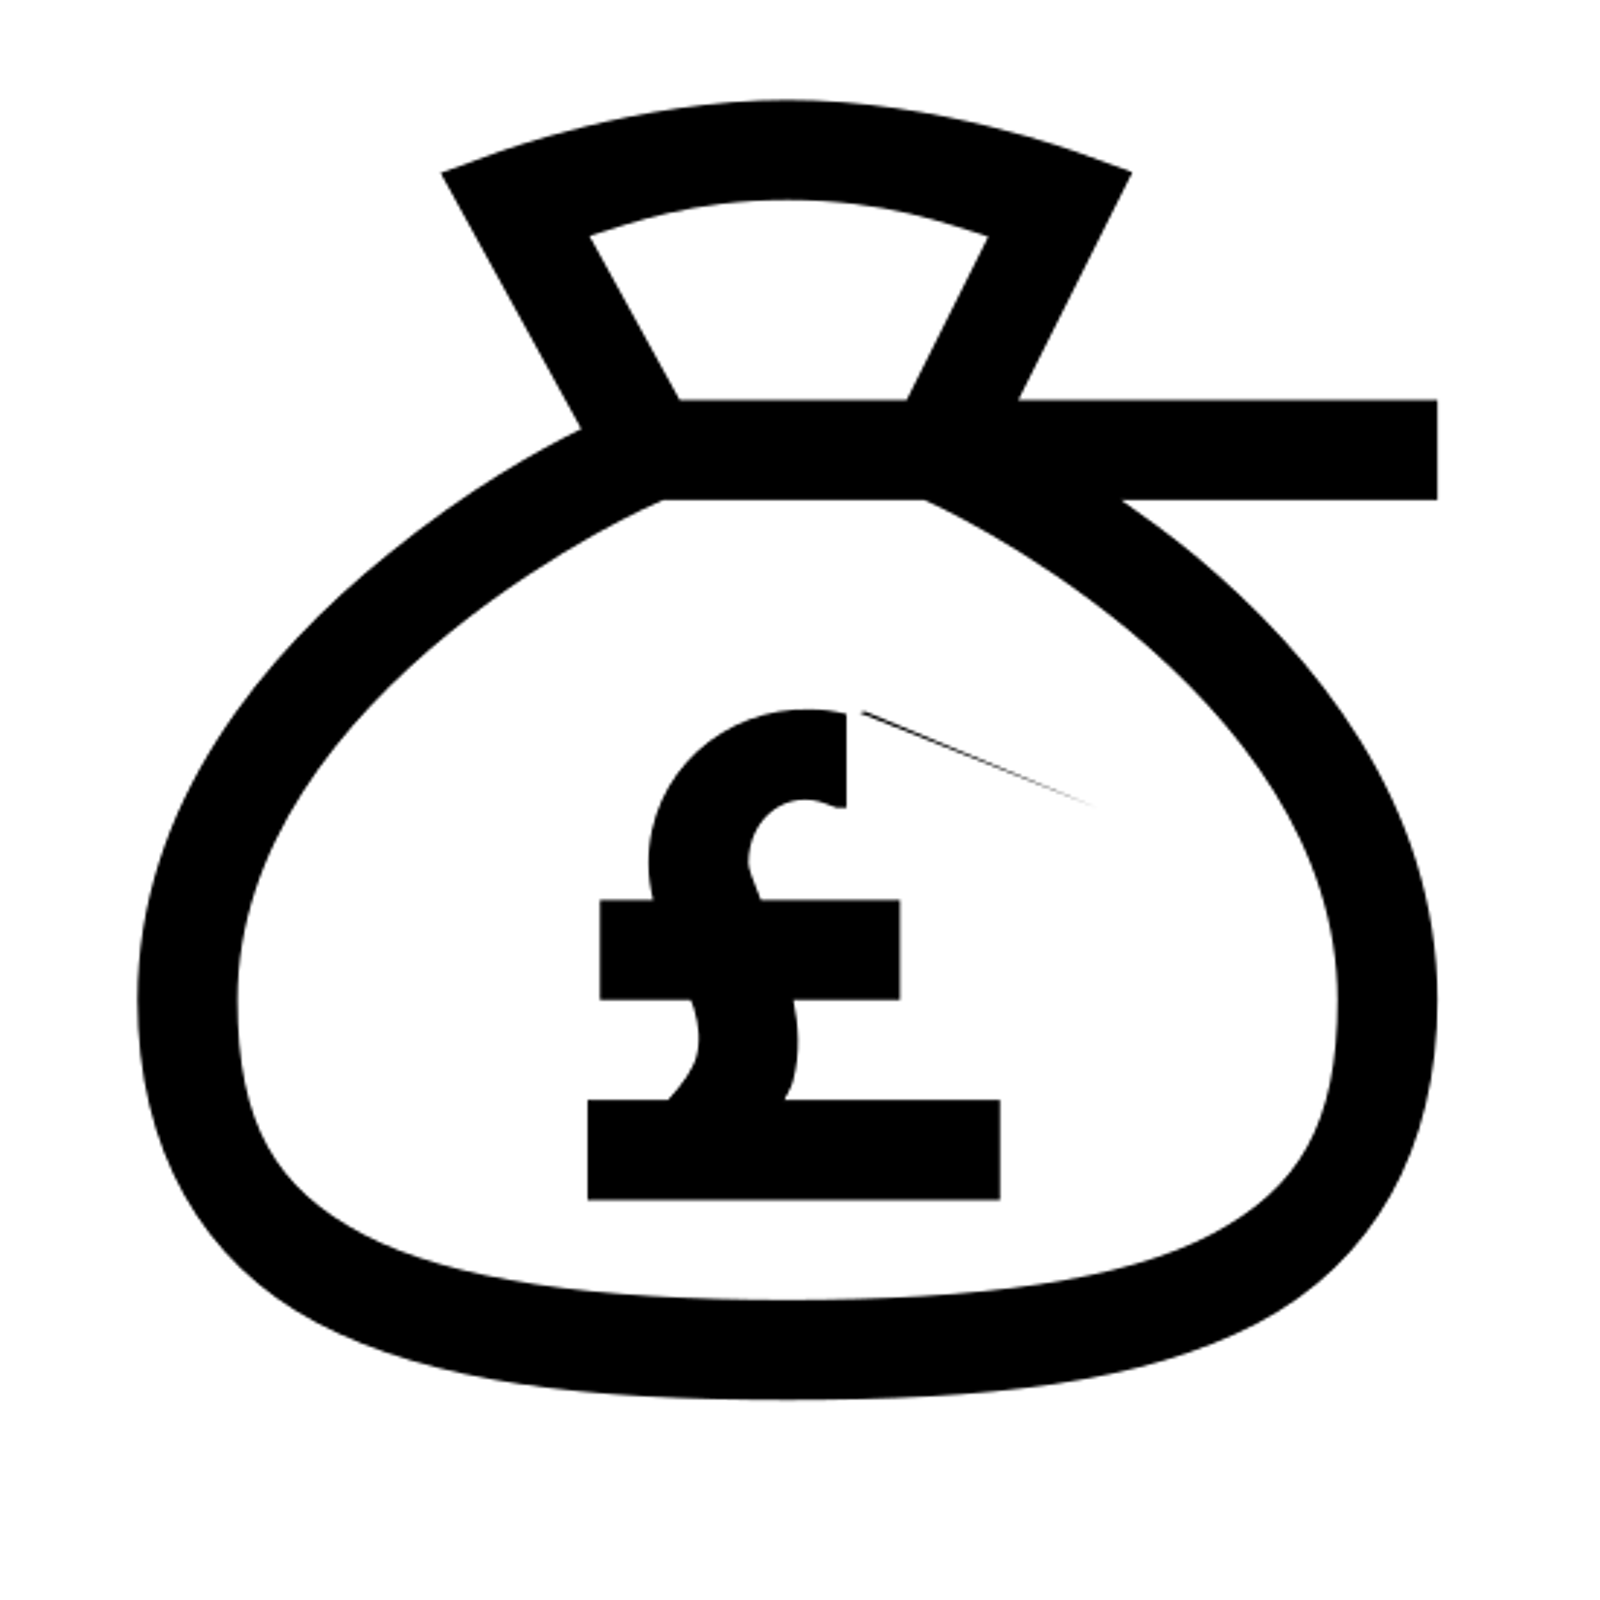 Bolsa de dinero de libras icon